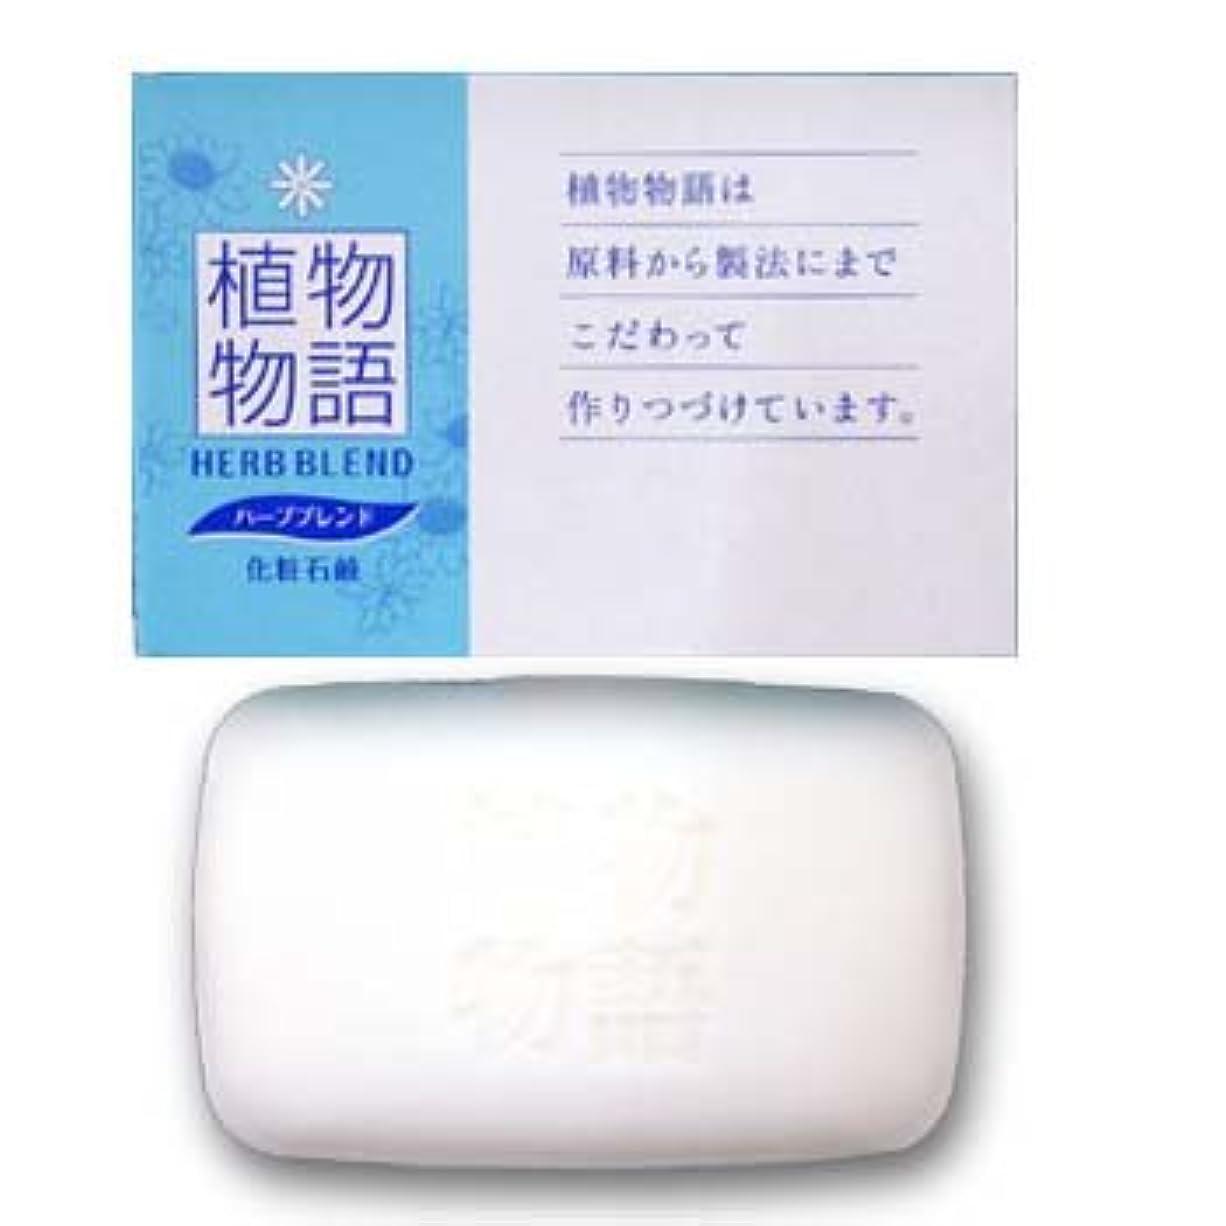 繁栄日没外交問題LION 植物物語石鹸80g化粧箱入(1セット100個入)